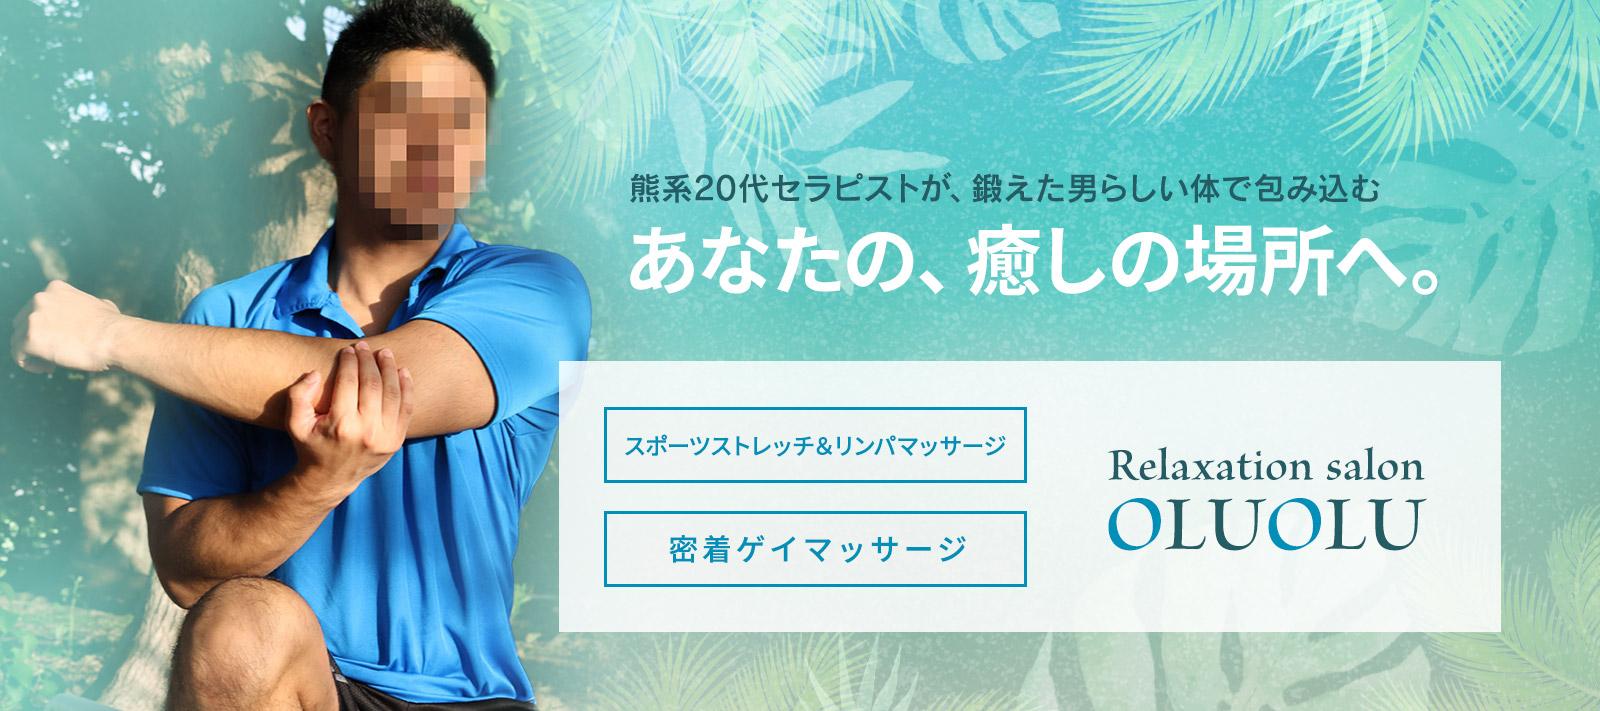 沖縄ゲイマッサージRelaxationsalonOLUOLUはこちら